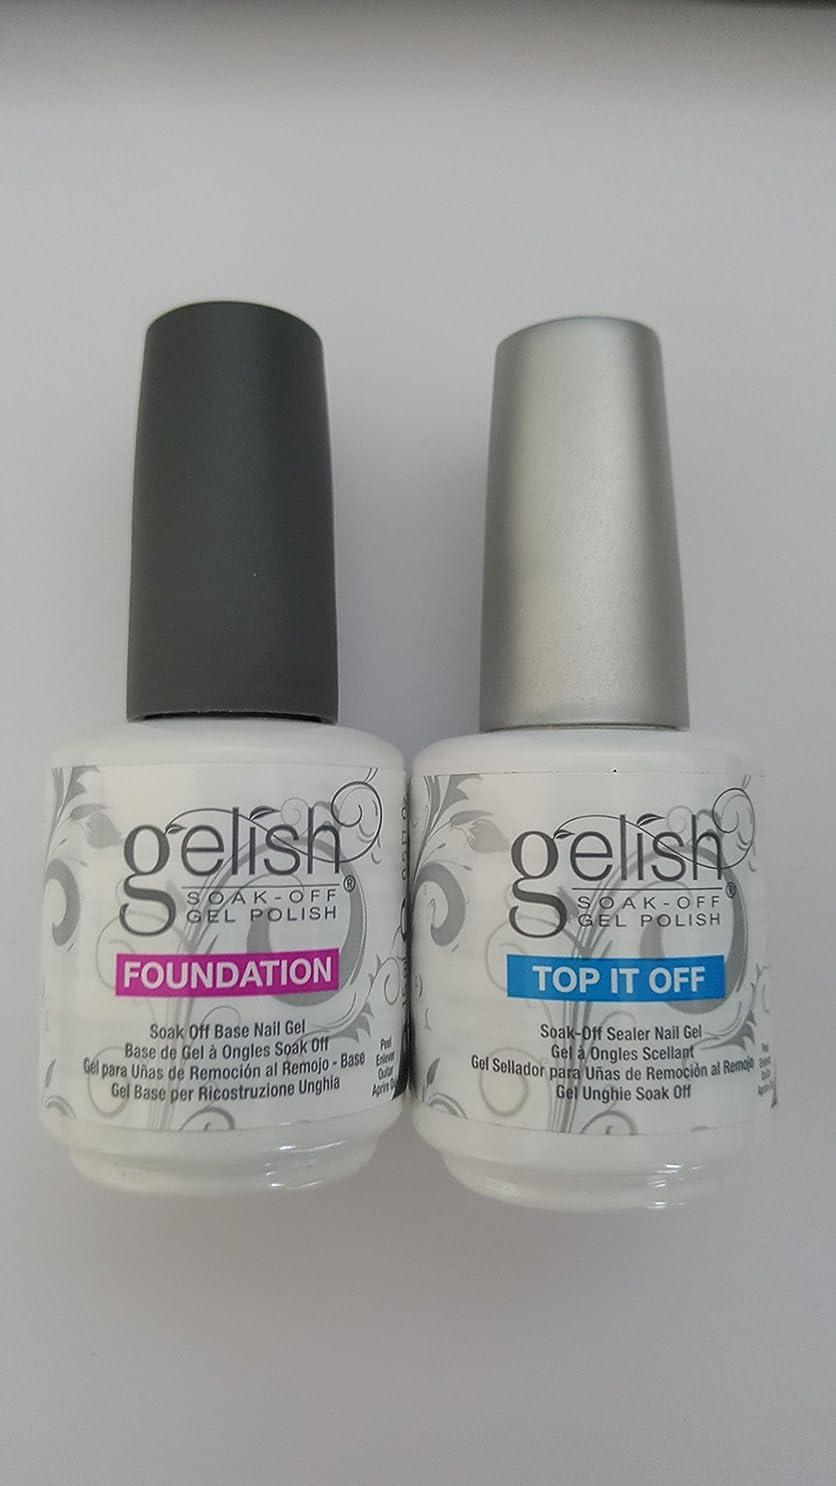 翻訳するベンチピルファーHARMONY gelish Top it Off/Foundation( ハーモニー ジェリッシュ ファンデーション ベースジェル &シーラージェル) (15ml)2点セット